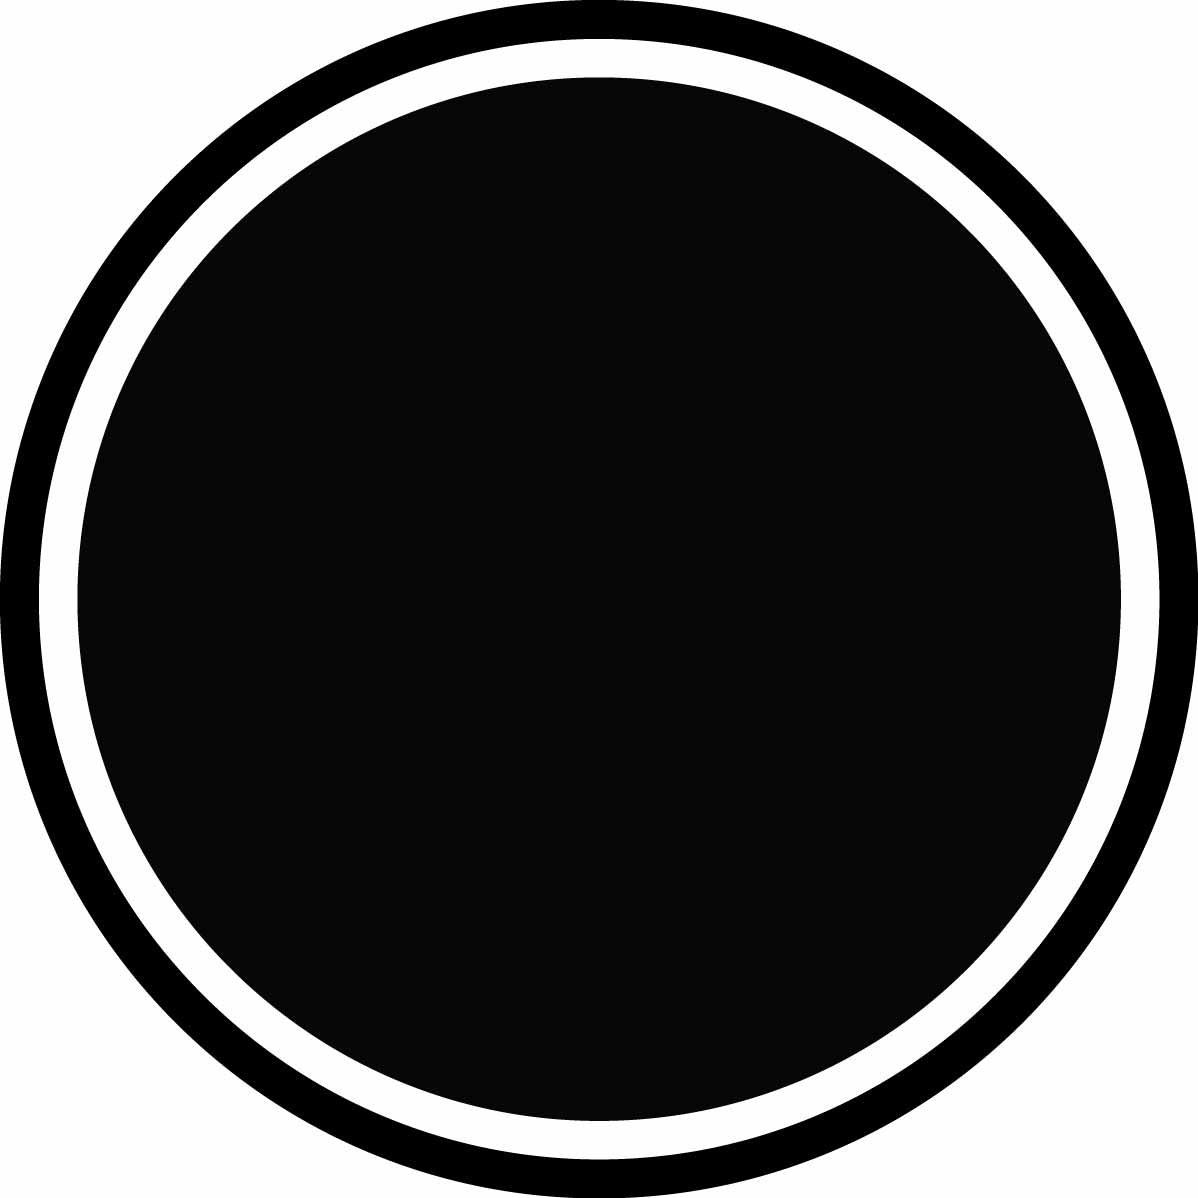 огородники картинка круг черного цвета парень девушкой ветерком